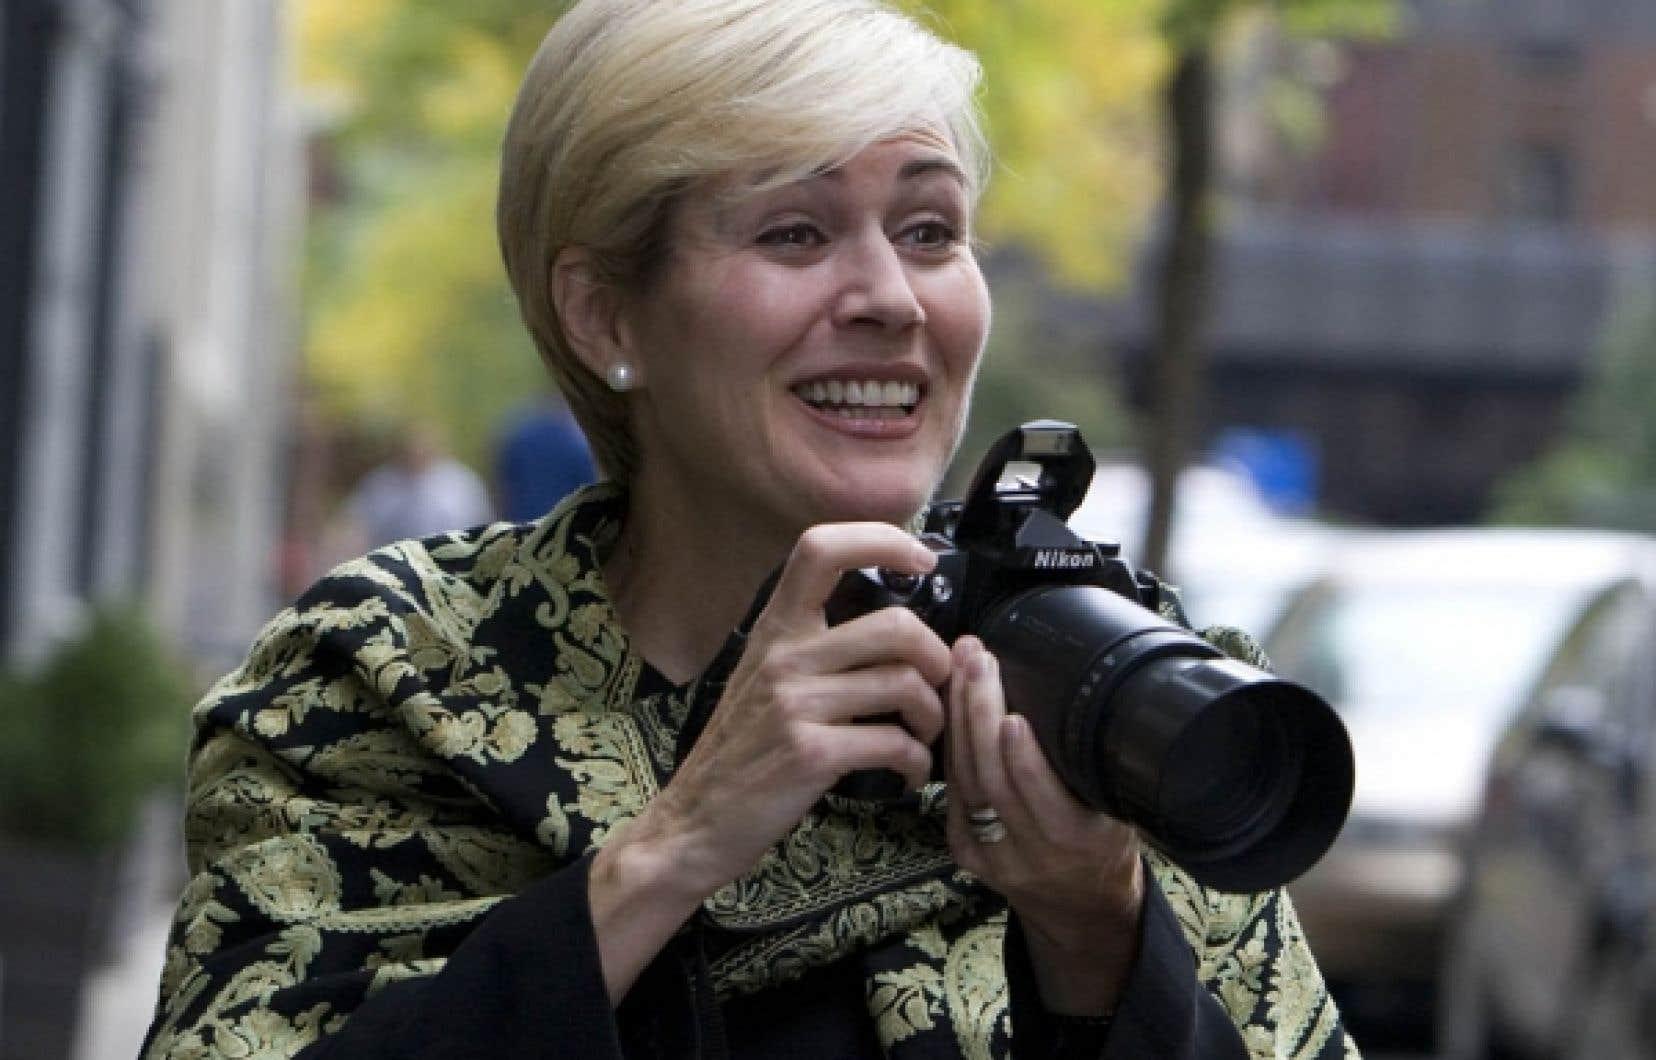 Photographe amateur, Michèle Dionne est une professionnelle des campagnes de financement, notamment pour la Croix-Rouge. Elle publie son premier livre de photographies cette semaine, préfacé par le prince Albert de Monaco.<br />